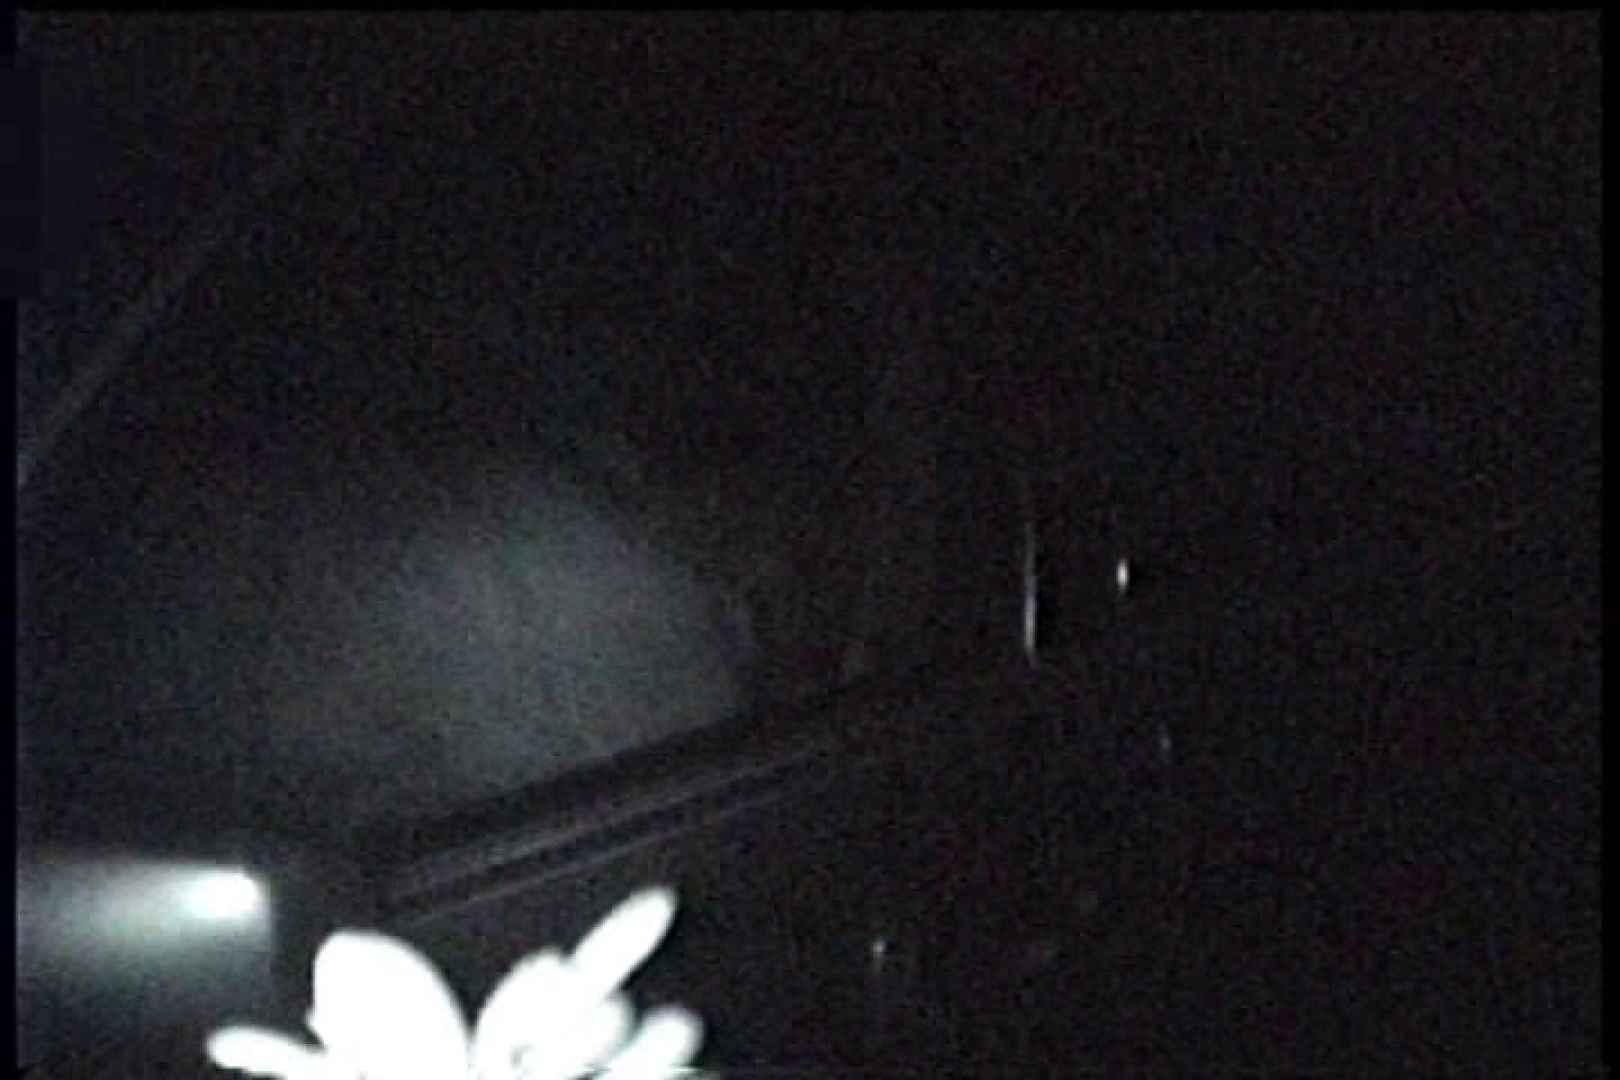 充血監督の深夜の運動会Vol.243 おまんこ無修正 すけべAV動画紹介 68画像 67